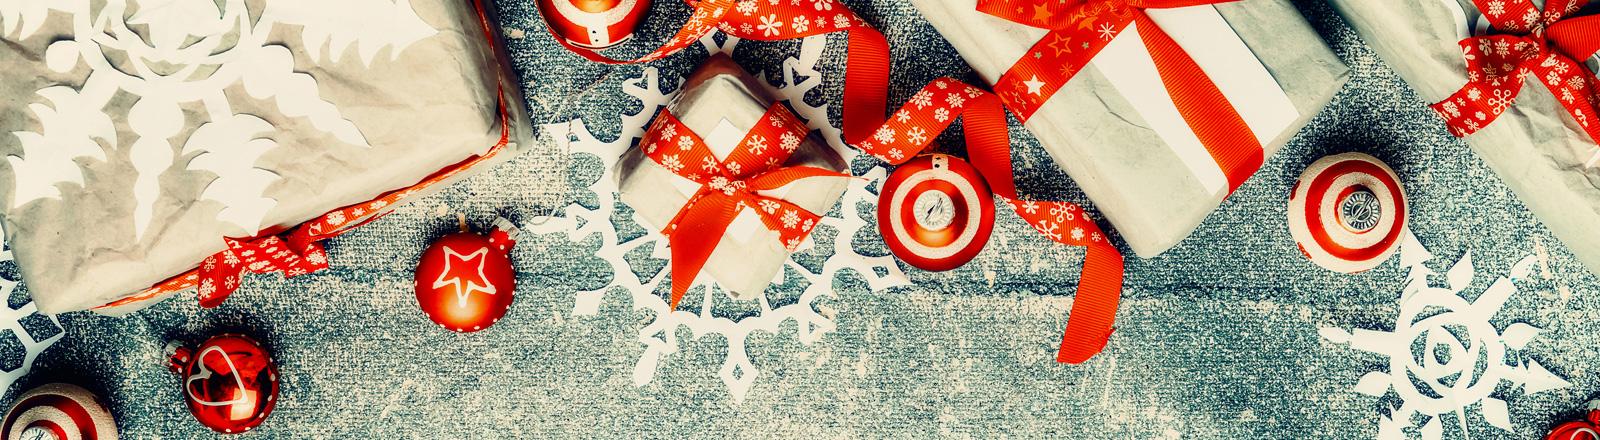 Weihnachtsgeschenke und Weihnachtsdeko